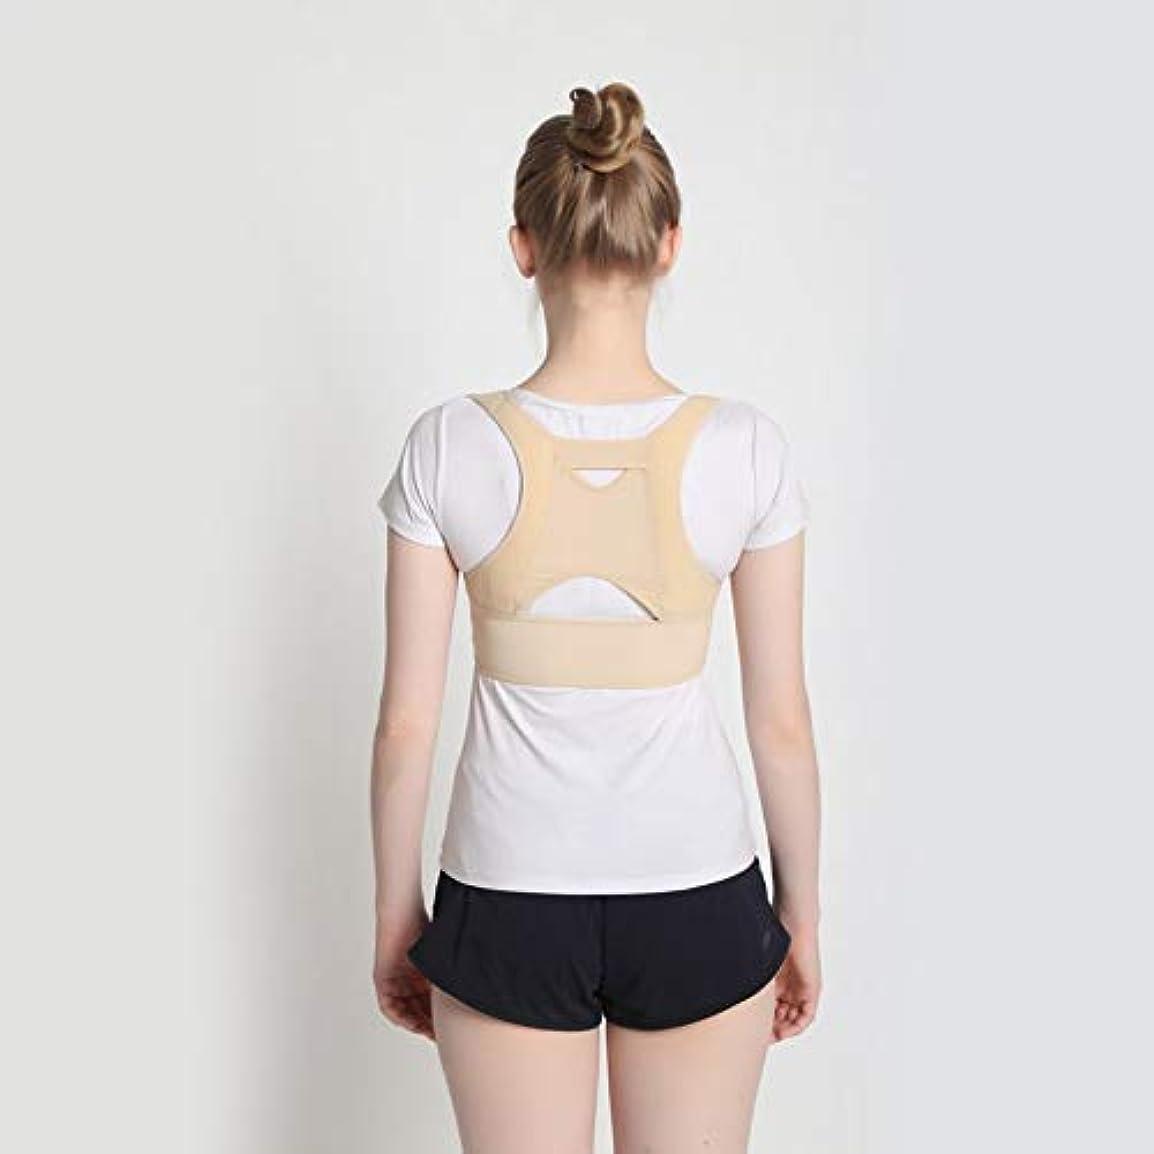 ポインタアルバムと闘う通気性のある女性の背中の姿勢矯正コルセット整形外科の肩の背骨の背骨の姿勢矯正腰椎サポート